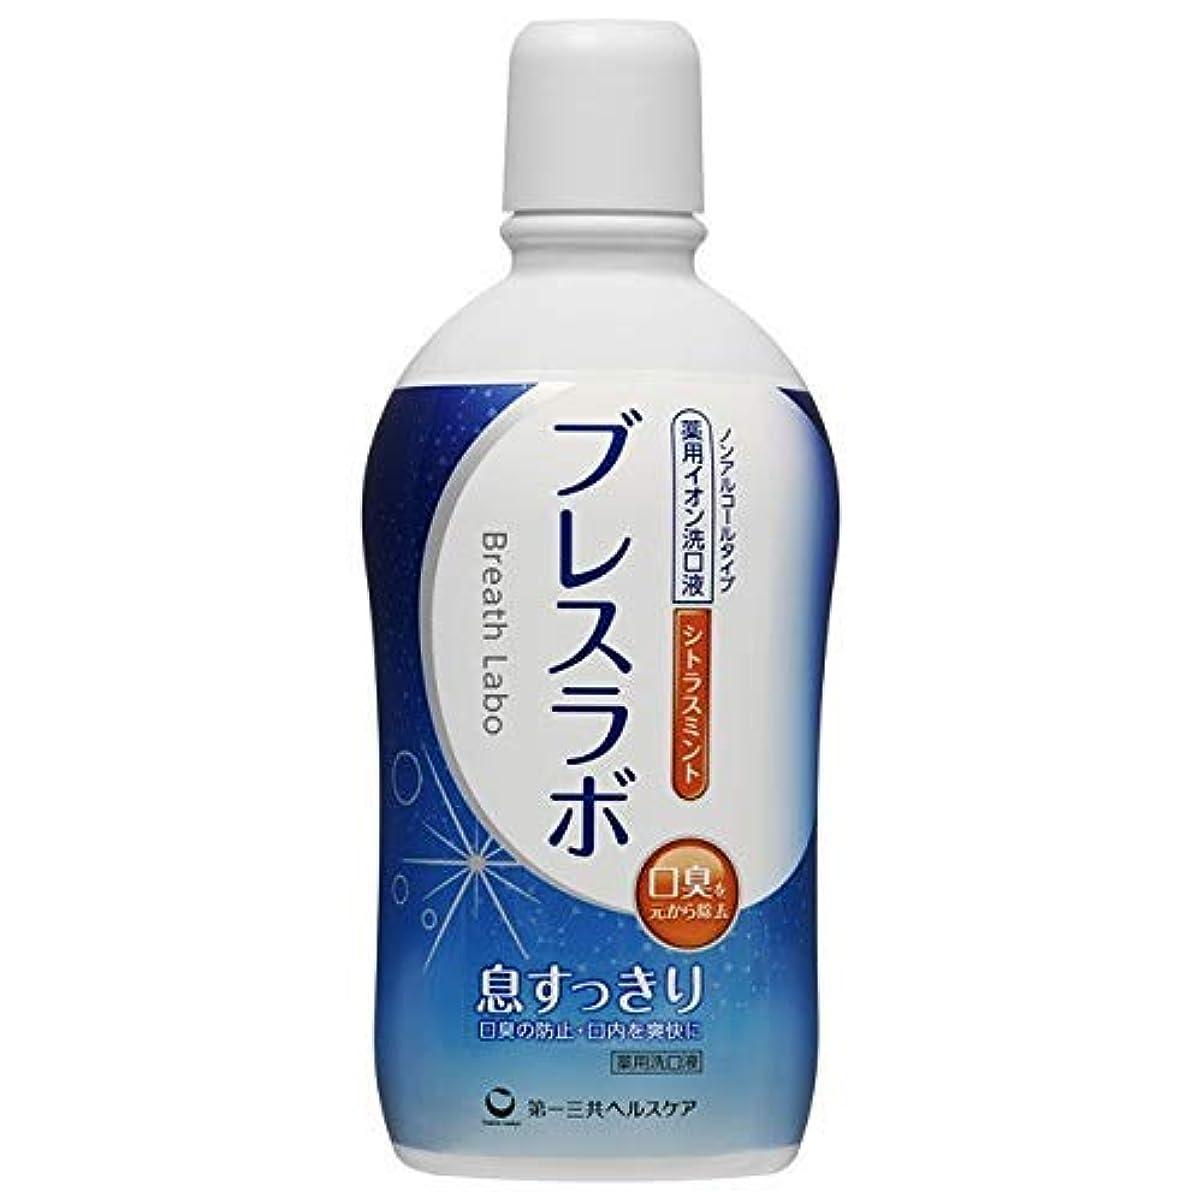 スリッパ段落バット第一三共ヘルスケア 薬用イオン洗口液 ブレスラボ マウスウォッシュ シトラスミント 450mL